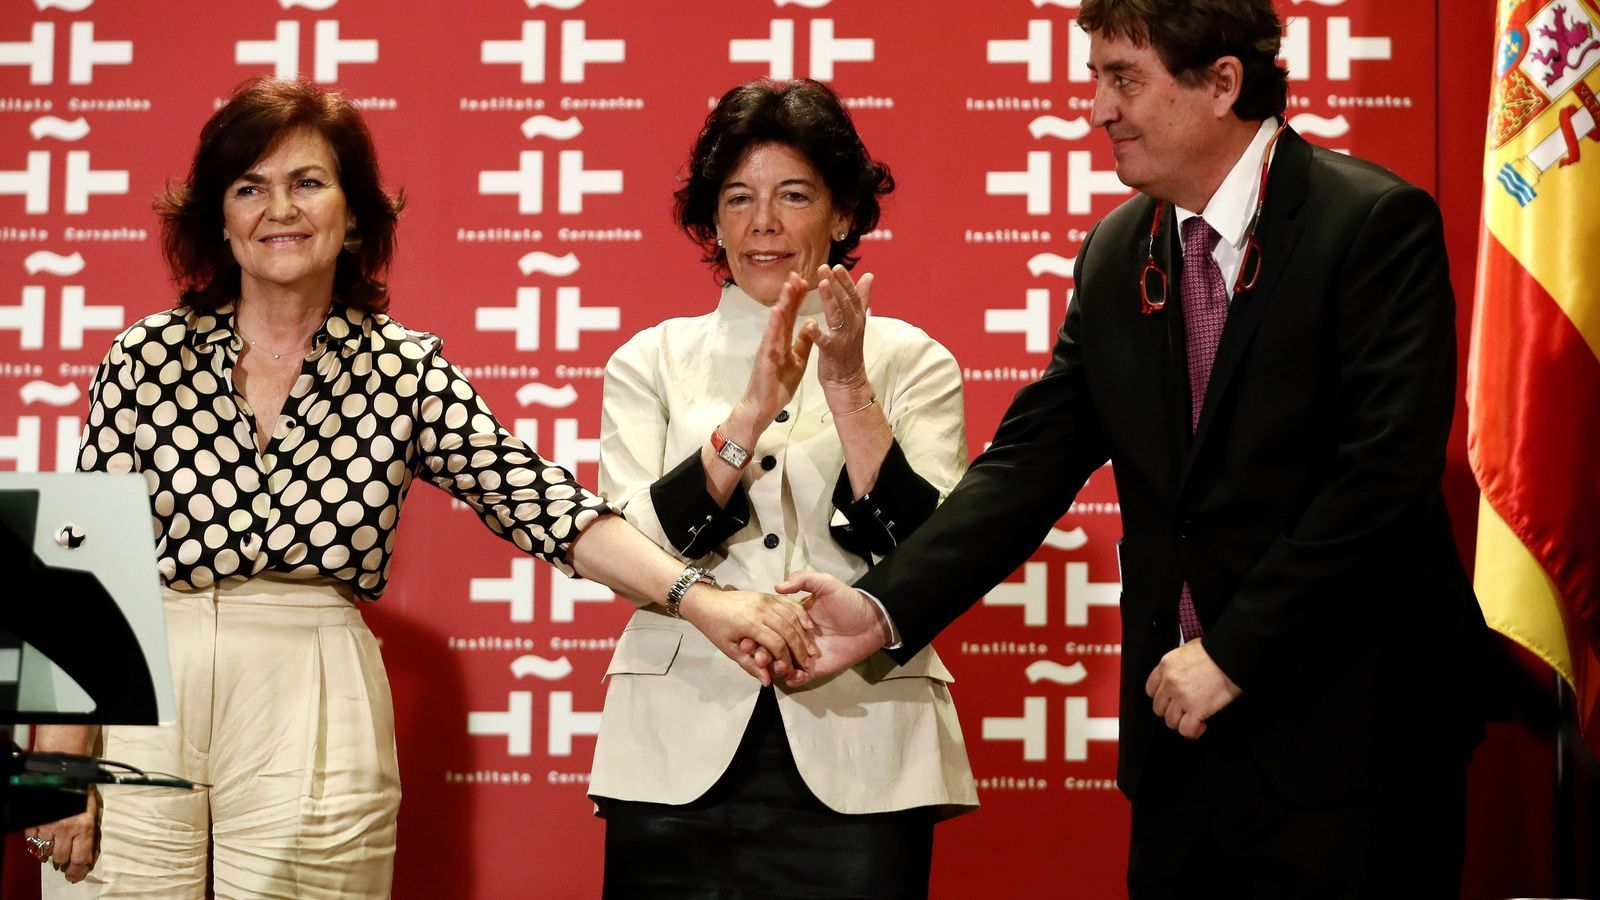 Luis García Montero durant l'acte de presa de possessió amb la vicepresidenta del govern espanyol, Carmen Calvo, i la ministra d'Educació, Isabel Celaá